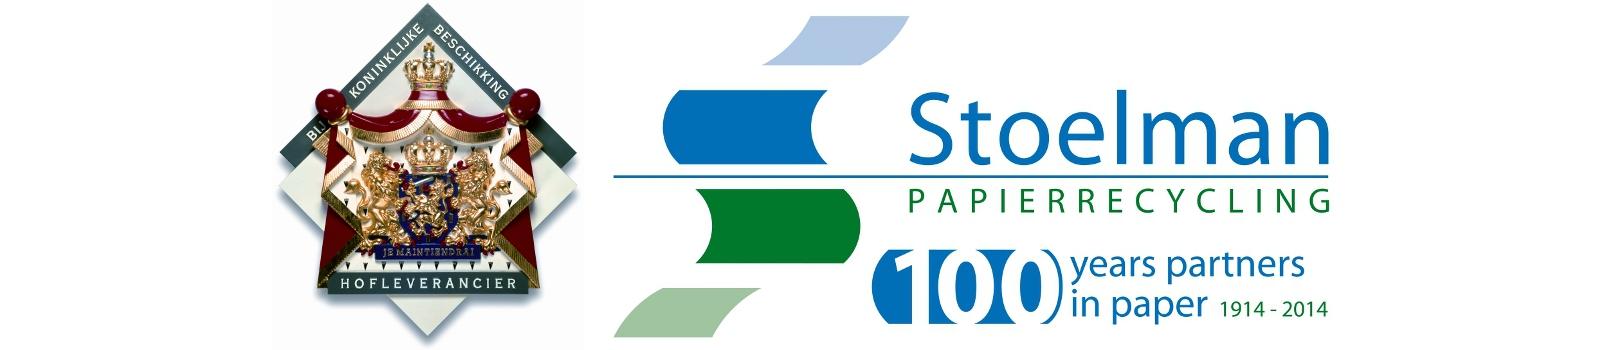 Stoelman-100-jaar-hofleverancier-1597x350